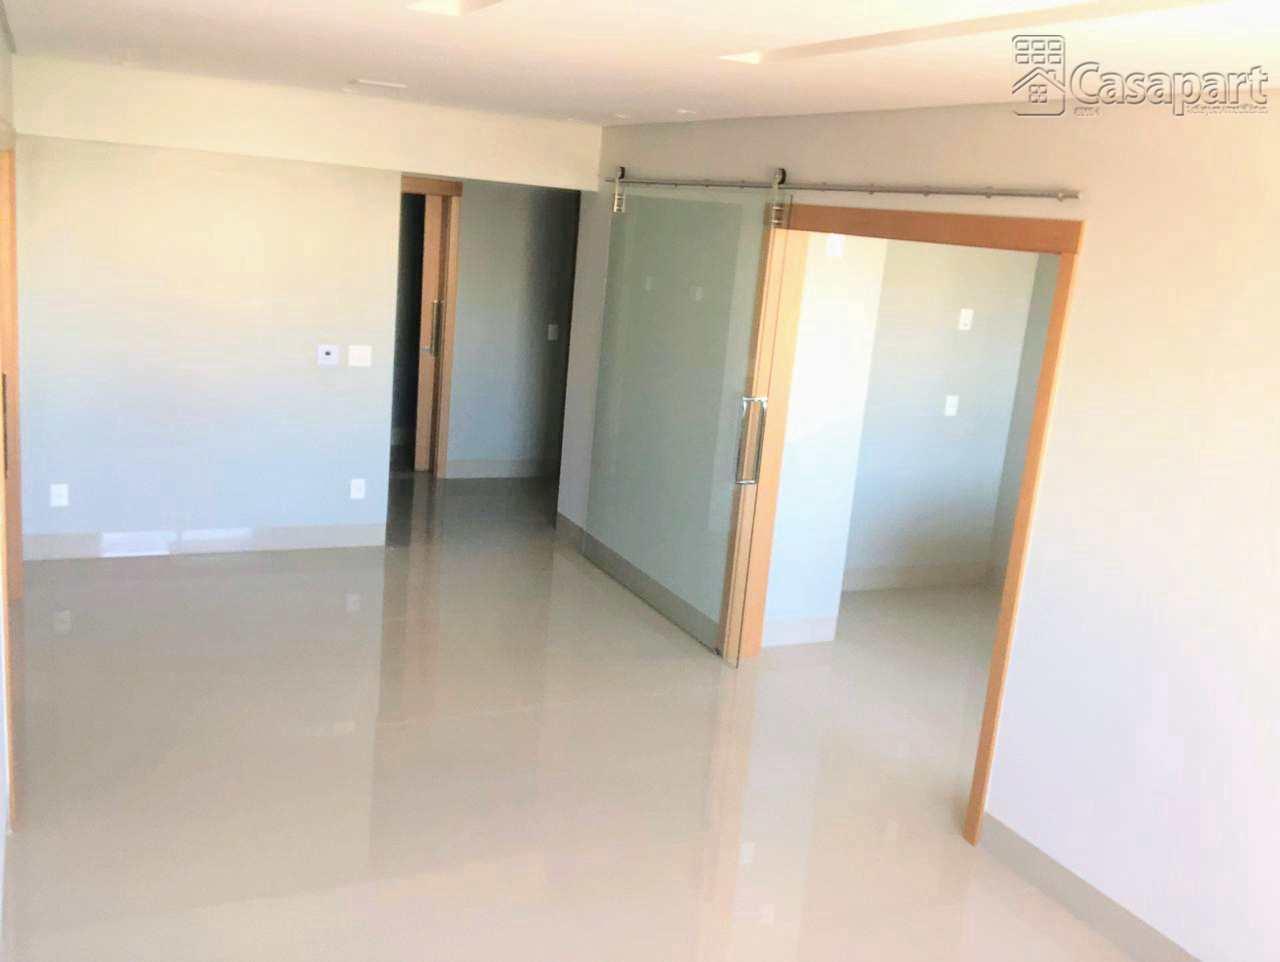 Apartamento com 3 dorms, Monte Castelo, Campo Grande - R$ 685 mil, Cod: 508